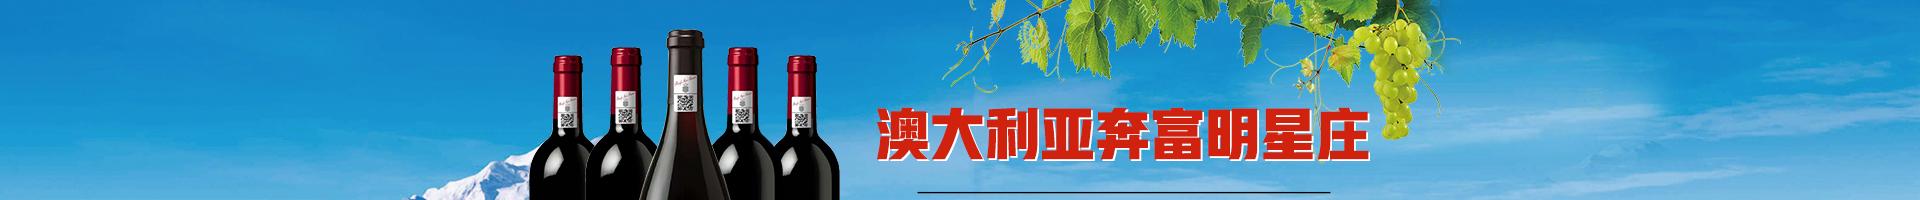 天津欧诺德商贸有限公司